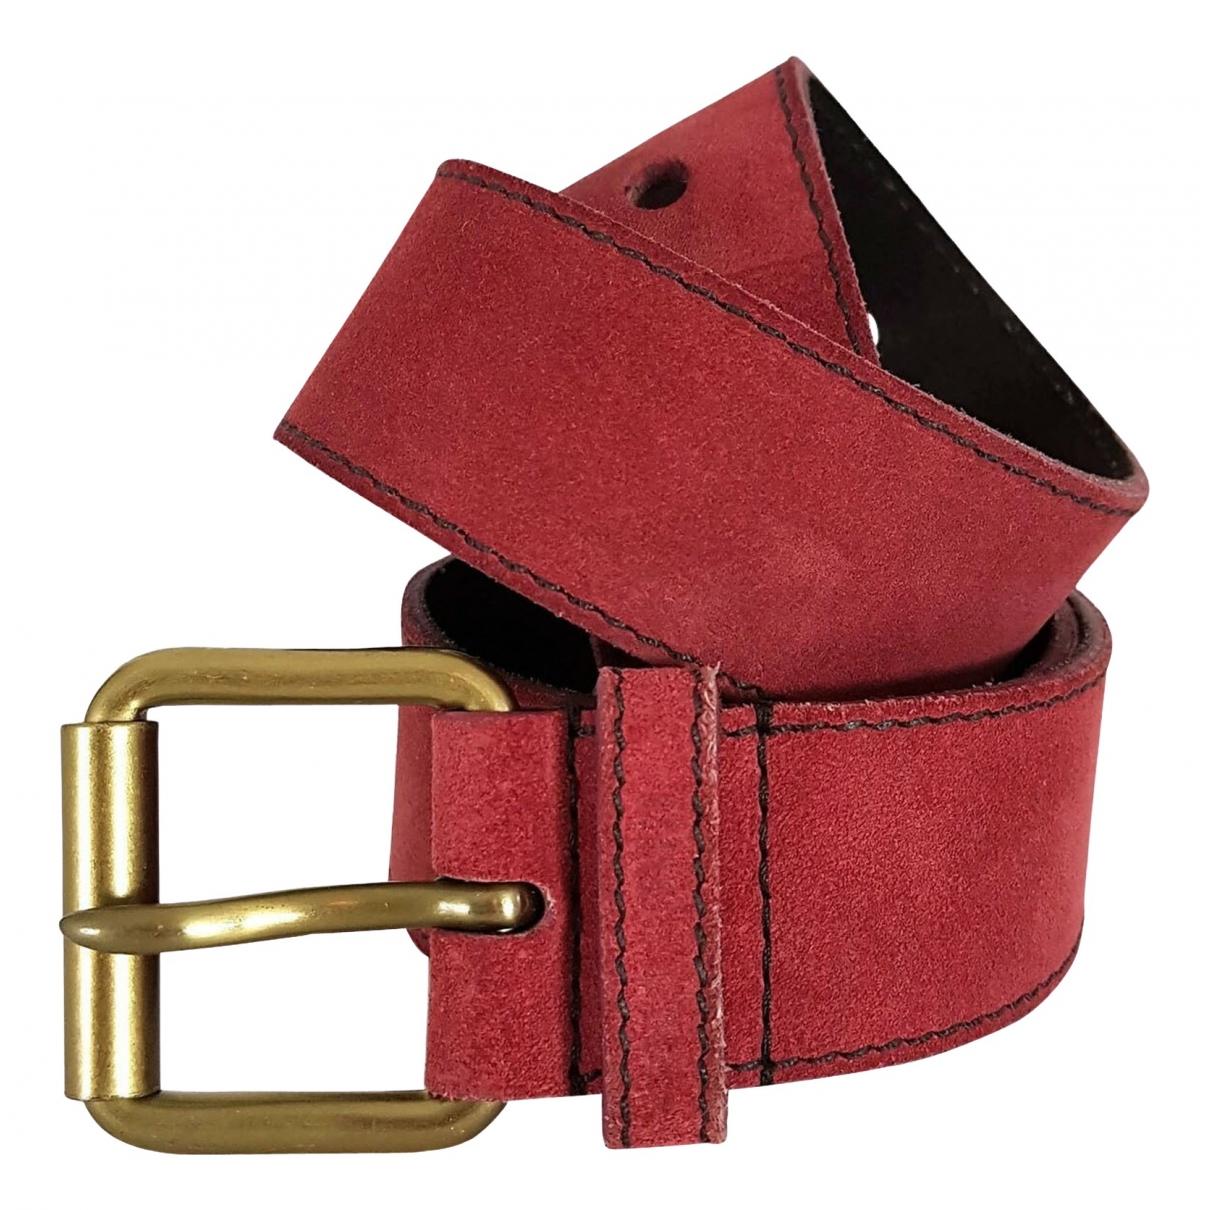 Cinturon Miu Miu